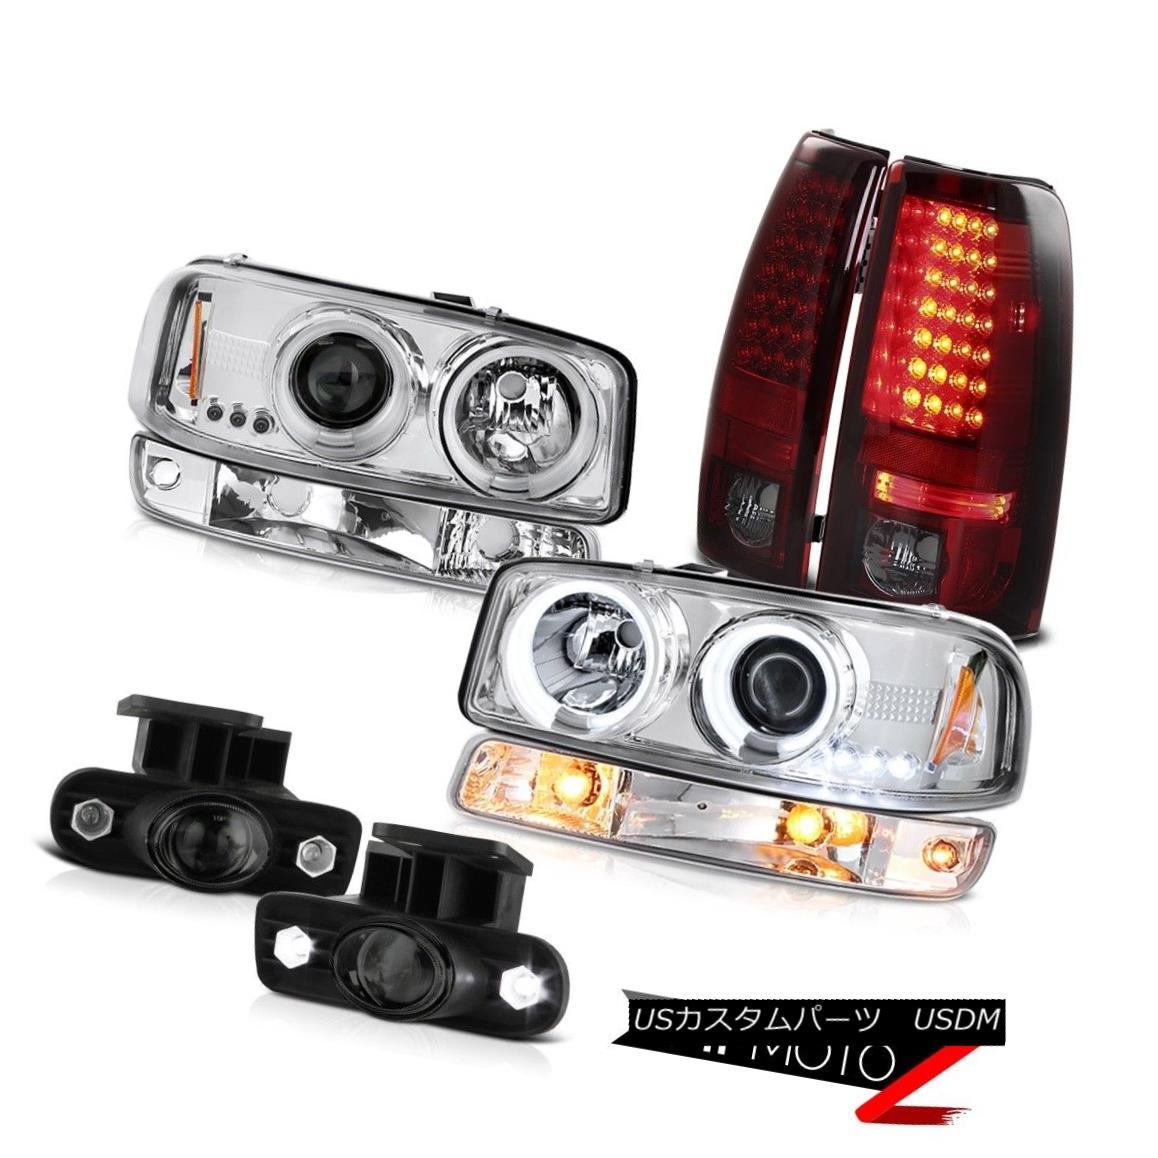 テールライト 99 00 01 02 Sierra 6.6L Foglights led tail lights turn signal ccfl headlights 99 00 01 02 Sierra 6.6L Foglights ledテールライトturn信号ccflヘッドライト